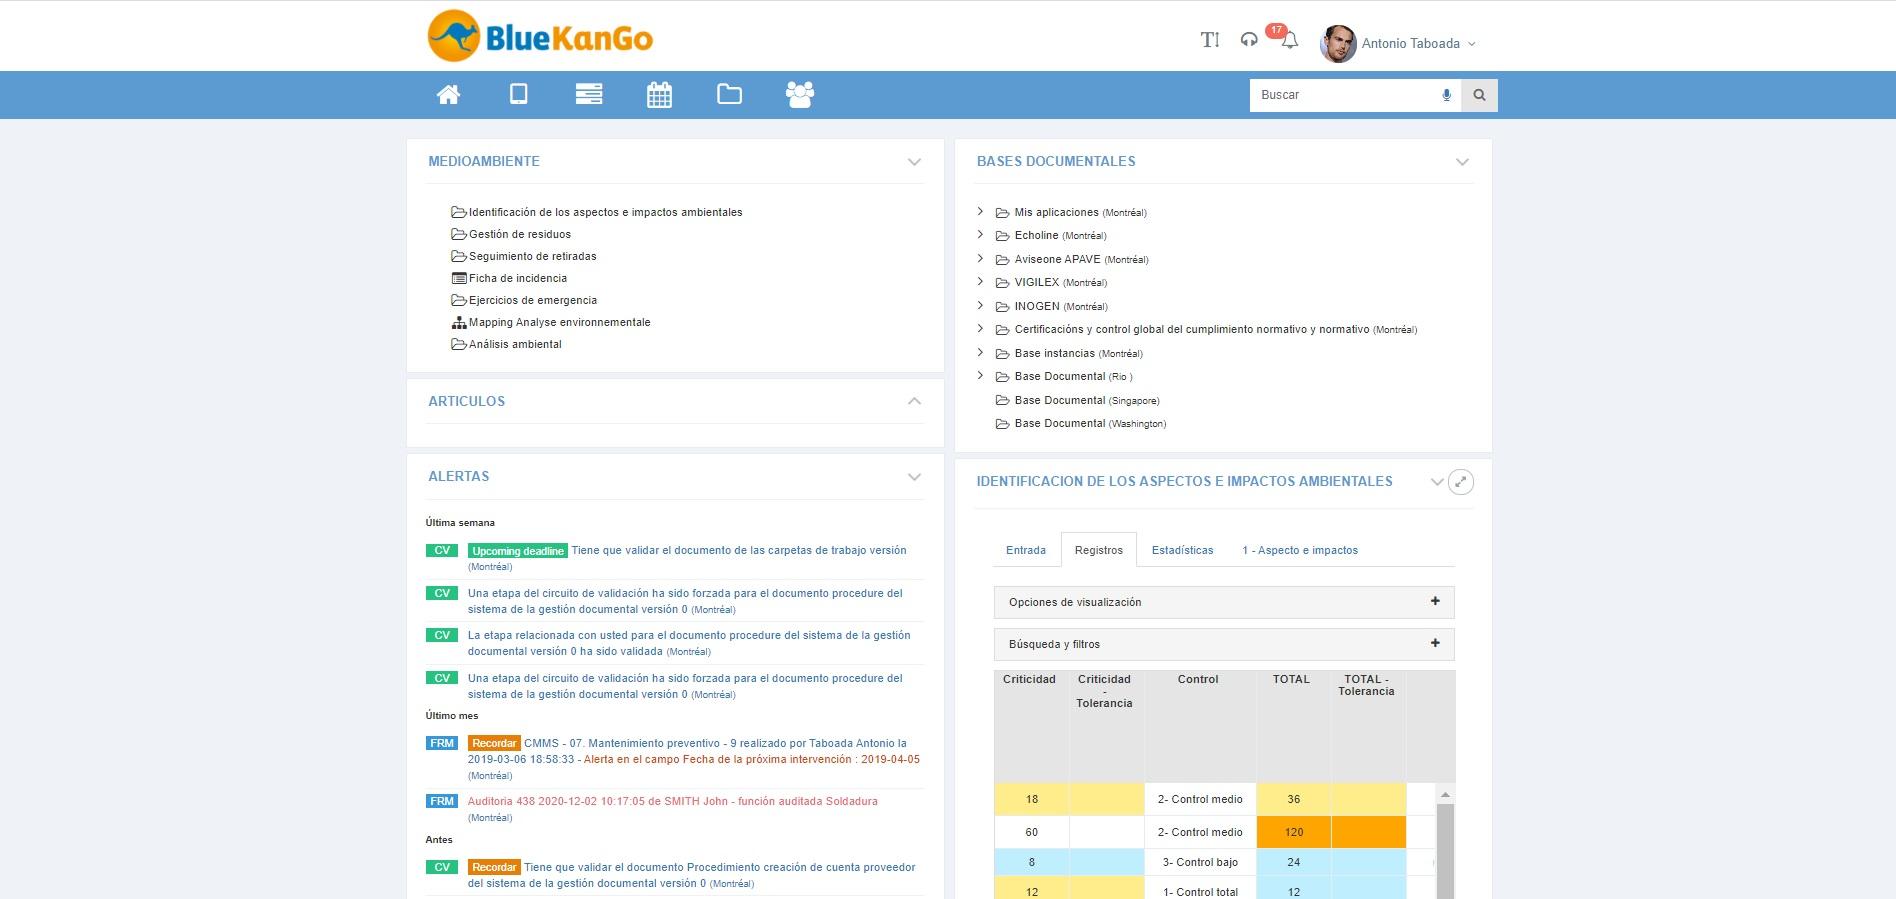 Visión general de la plataforma Desarrollo sostenible (BlueKanGo)